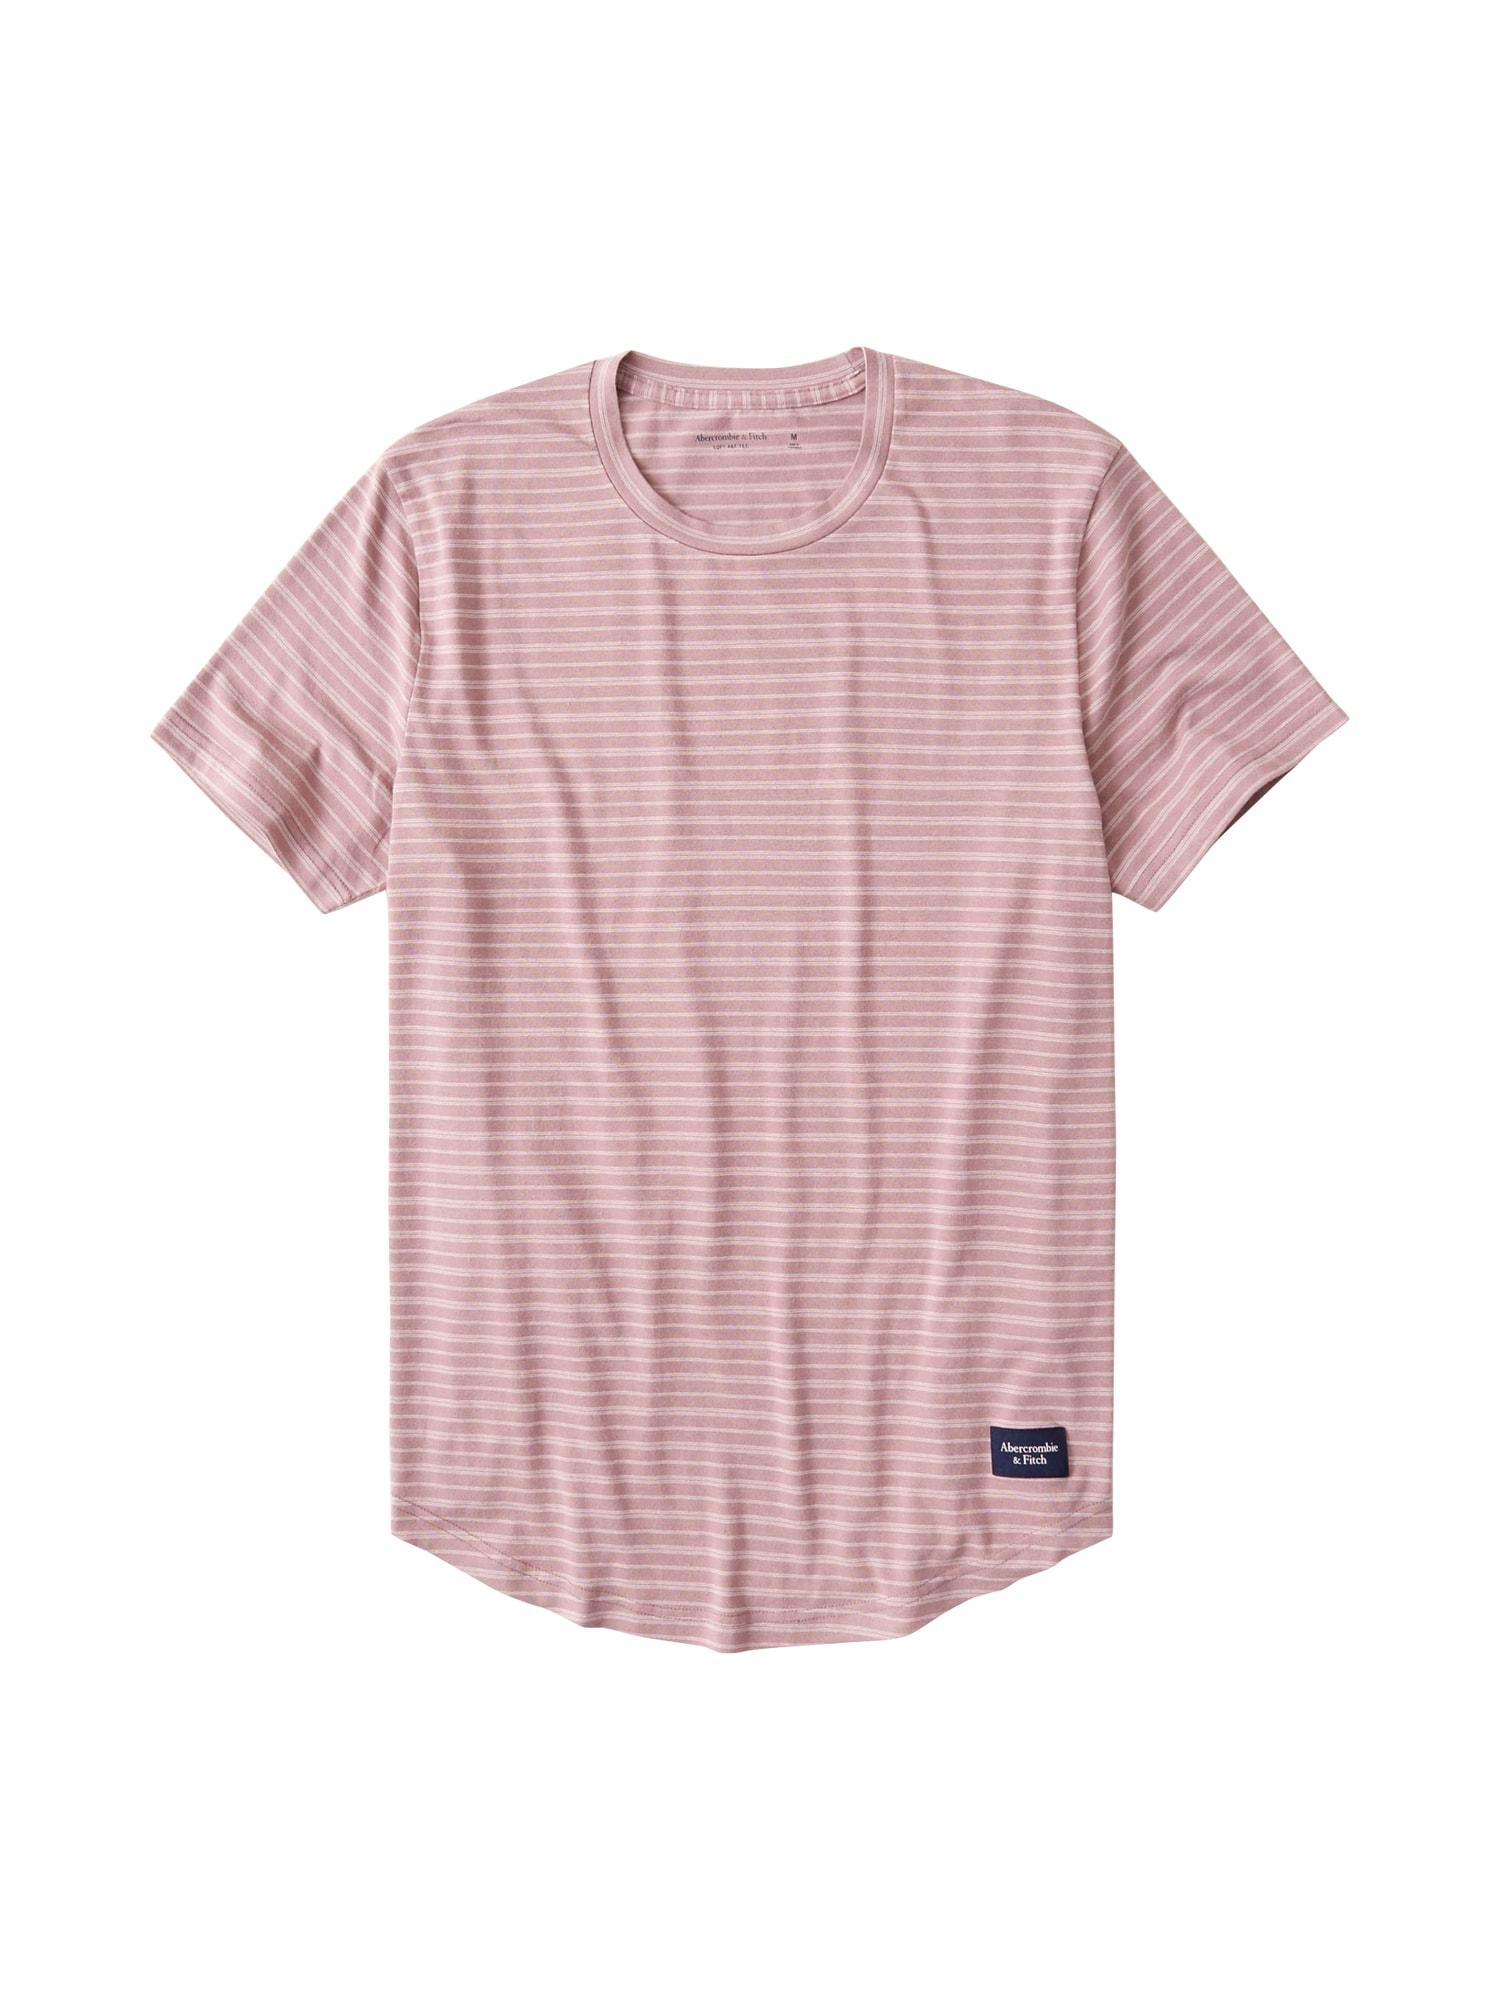 Abercrombie & Fitch Marškinėliai raudona